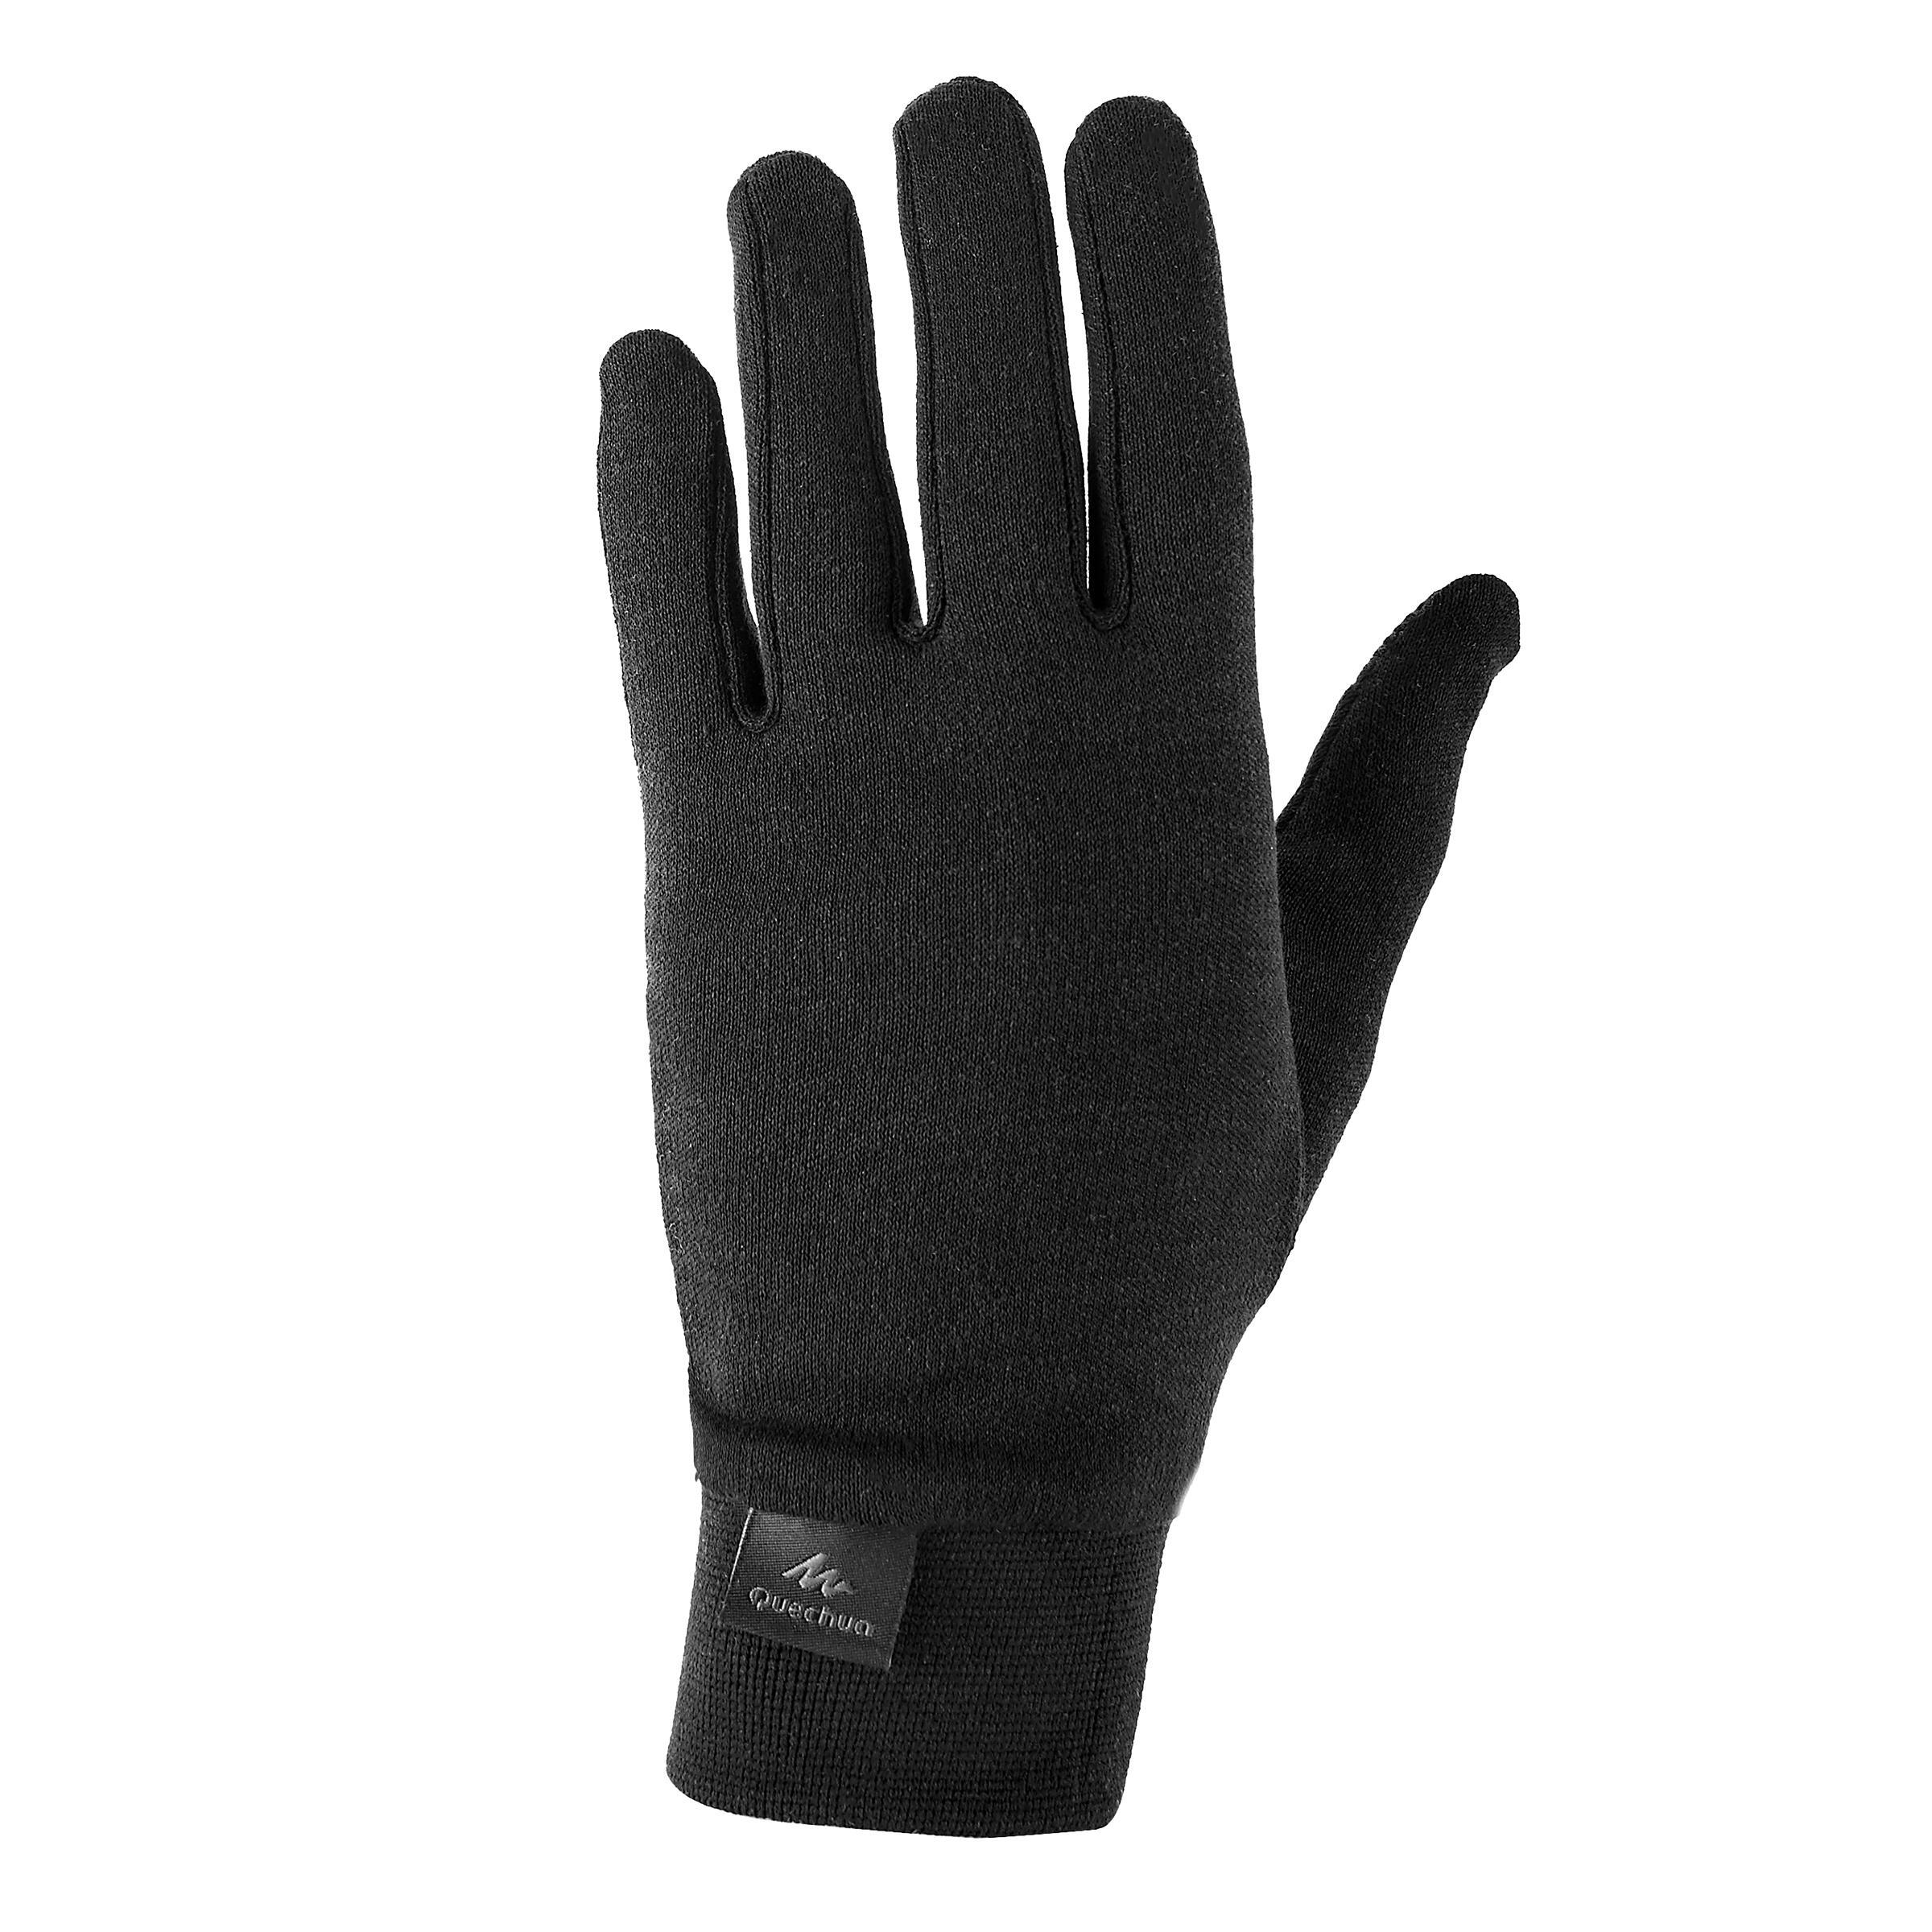 Sous gants de randonnée enfant mh500 soie warm noirs quechua